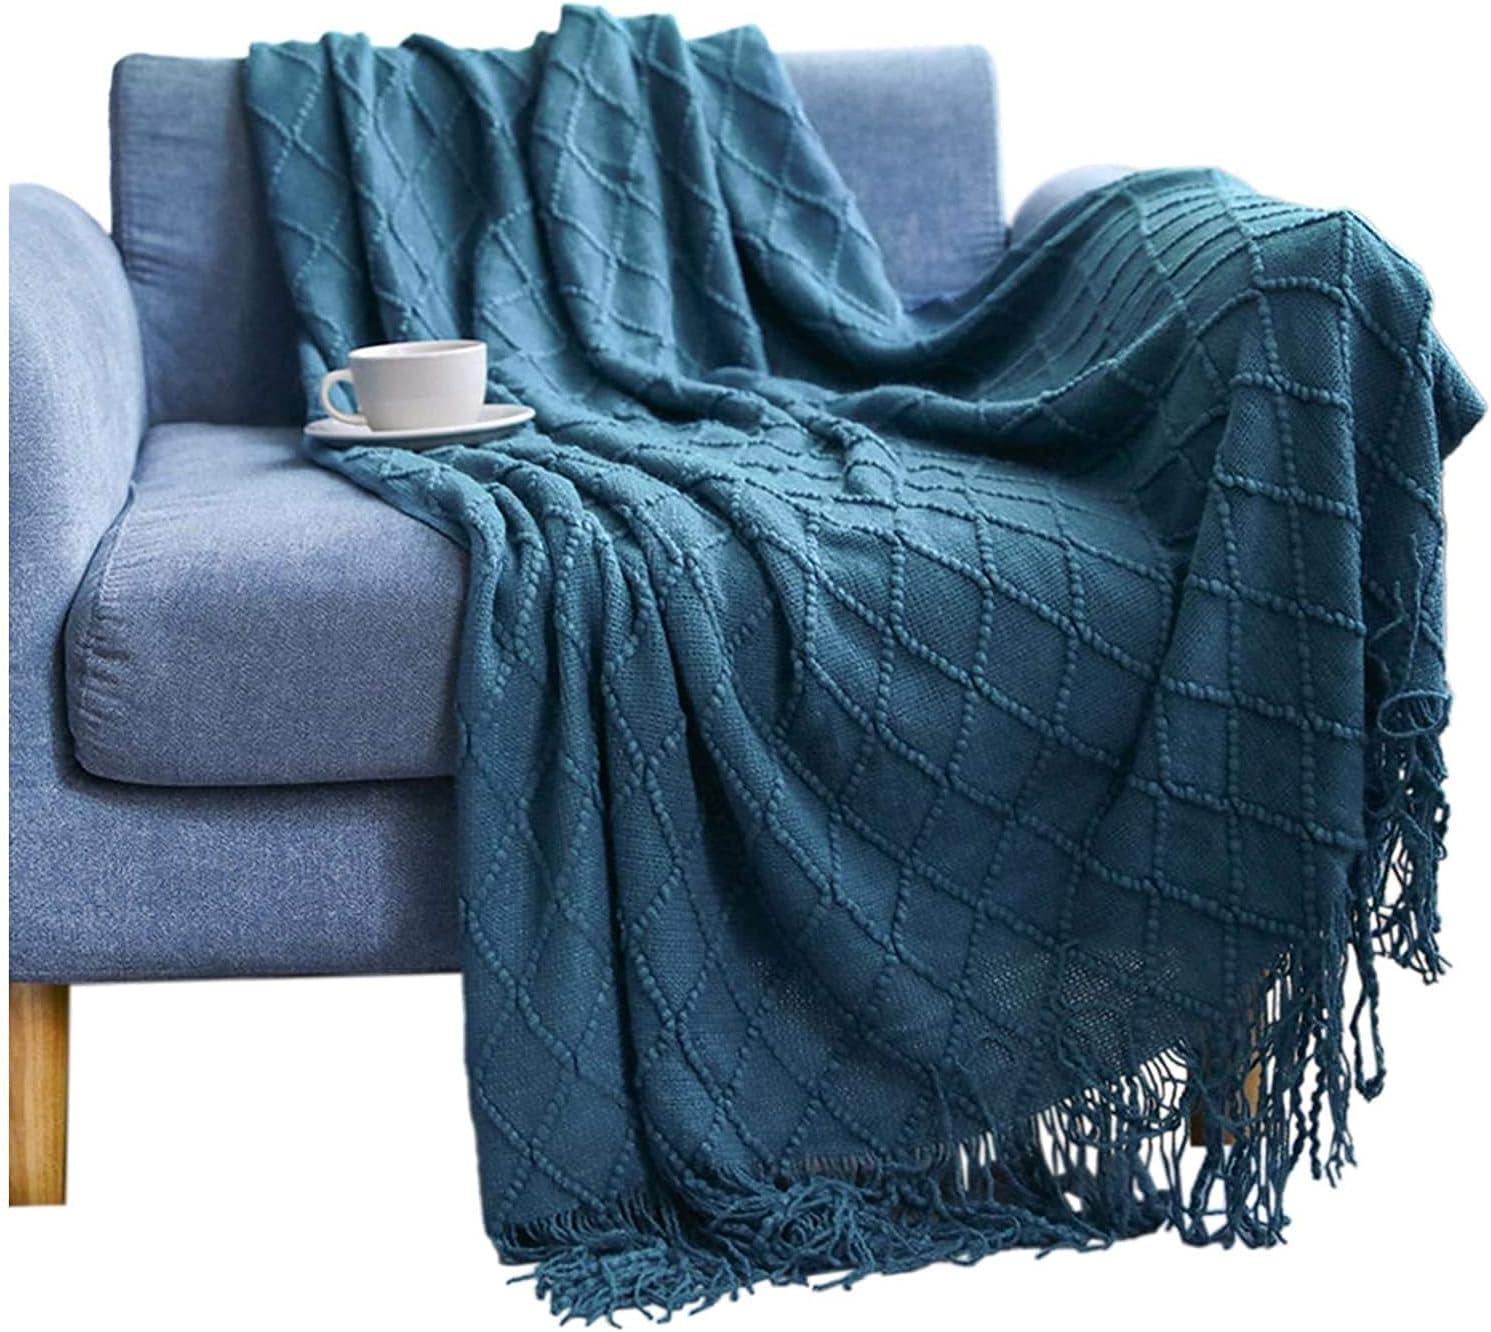 Manta de punto, ligera, suave, fina para sofás, manta decorativa tejida cálida con borlas para sillones y camas (azul marino, 127 x 152 + 10 cm)